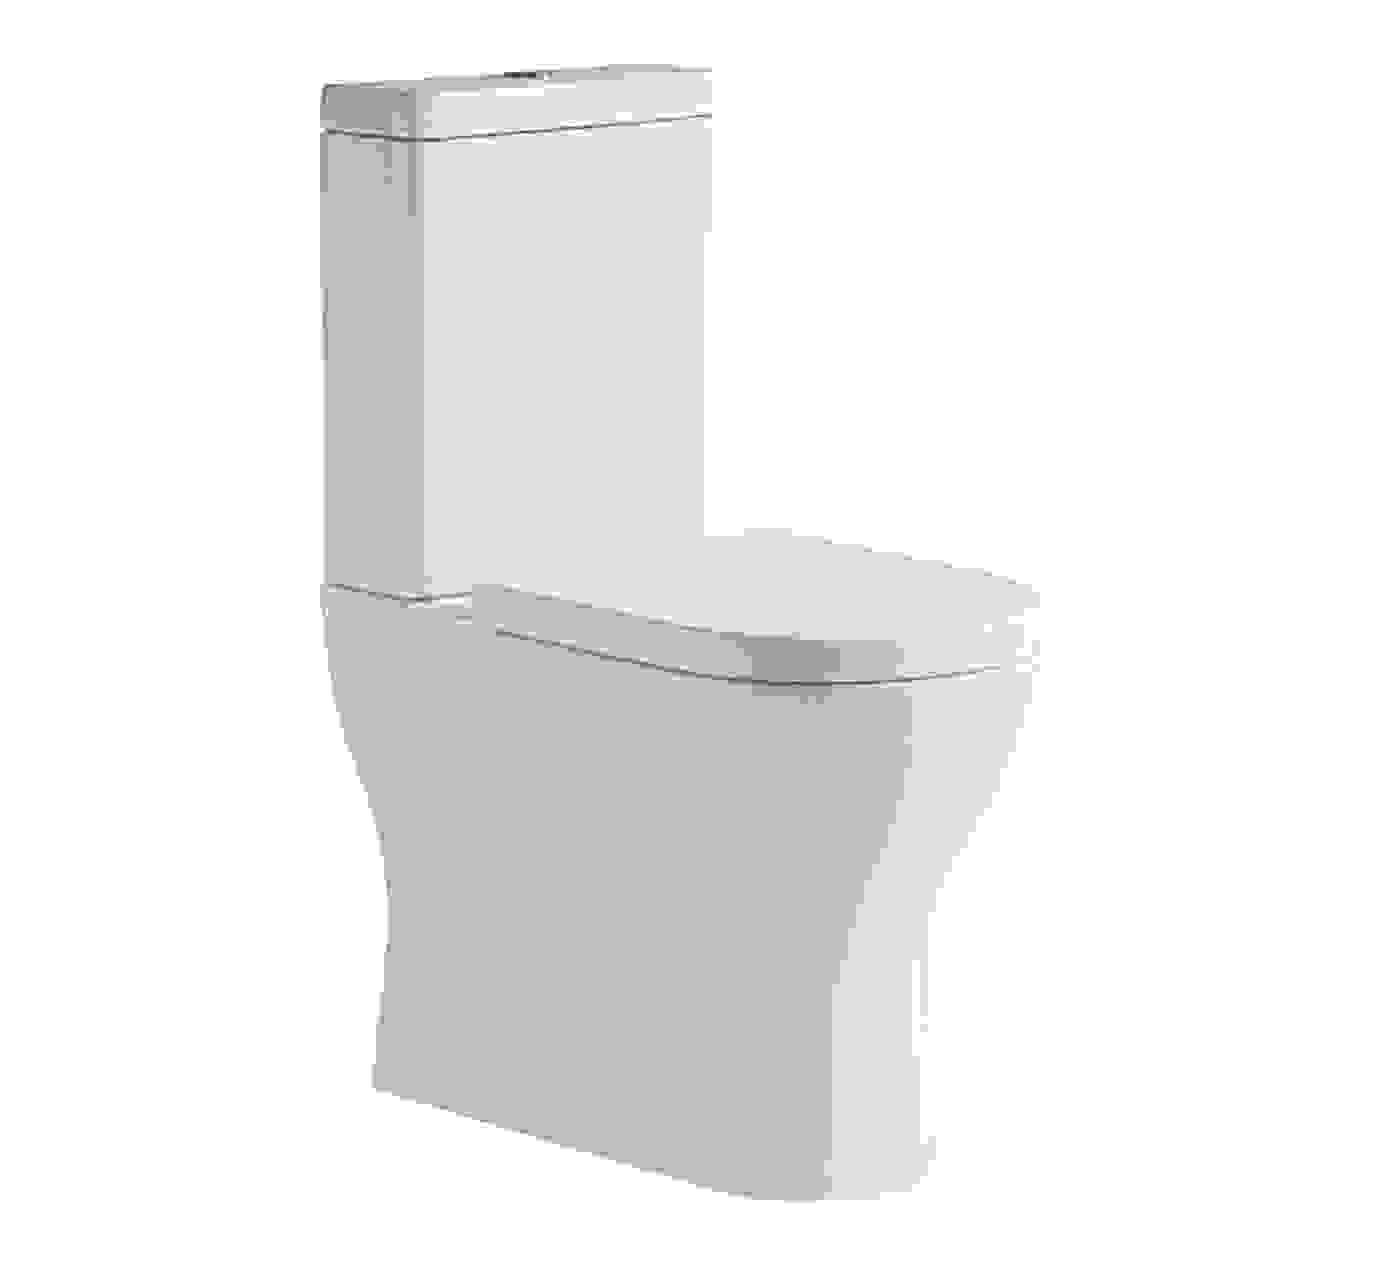 Contour Toilet Large copy